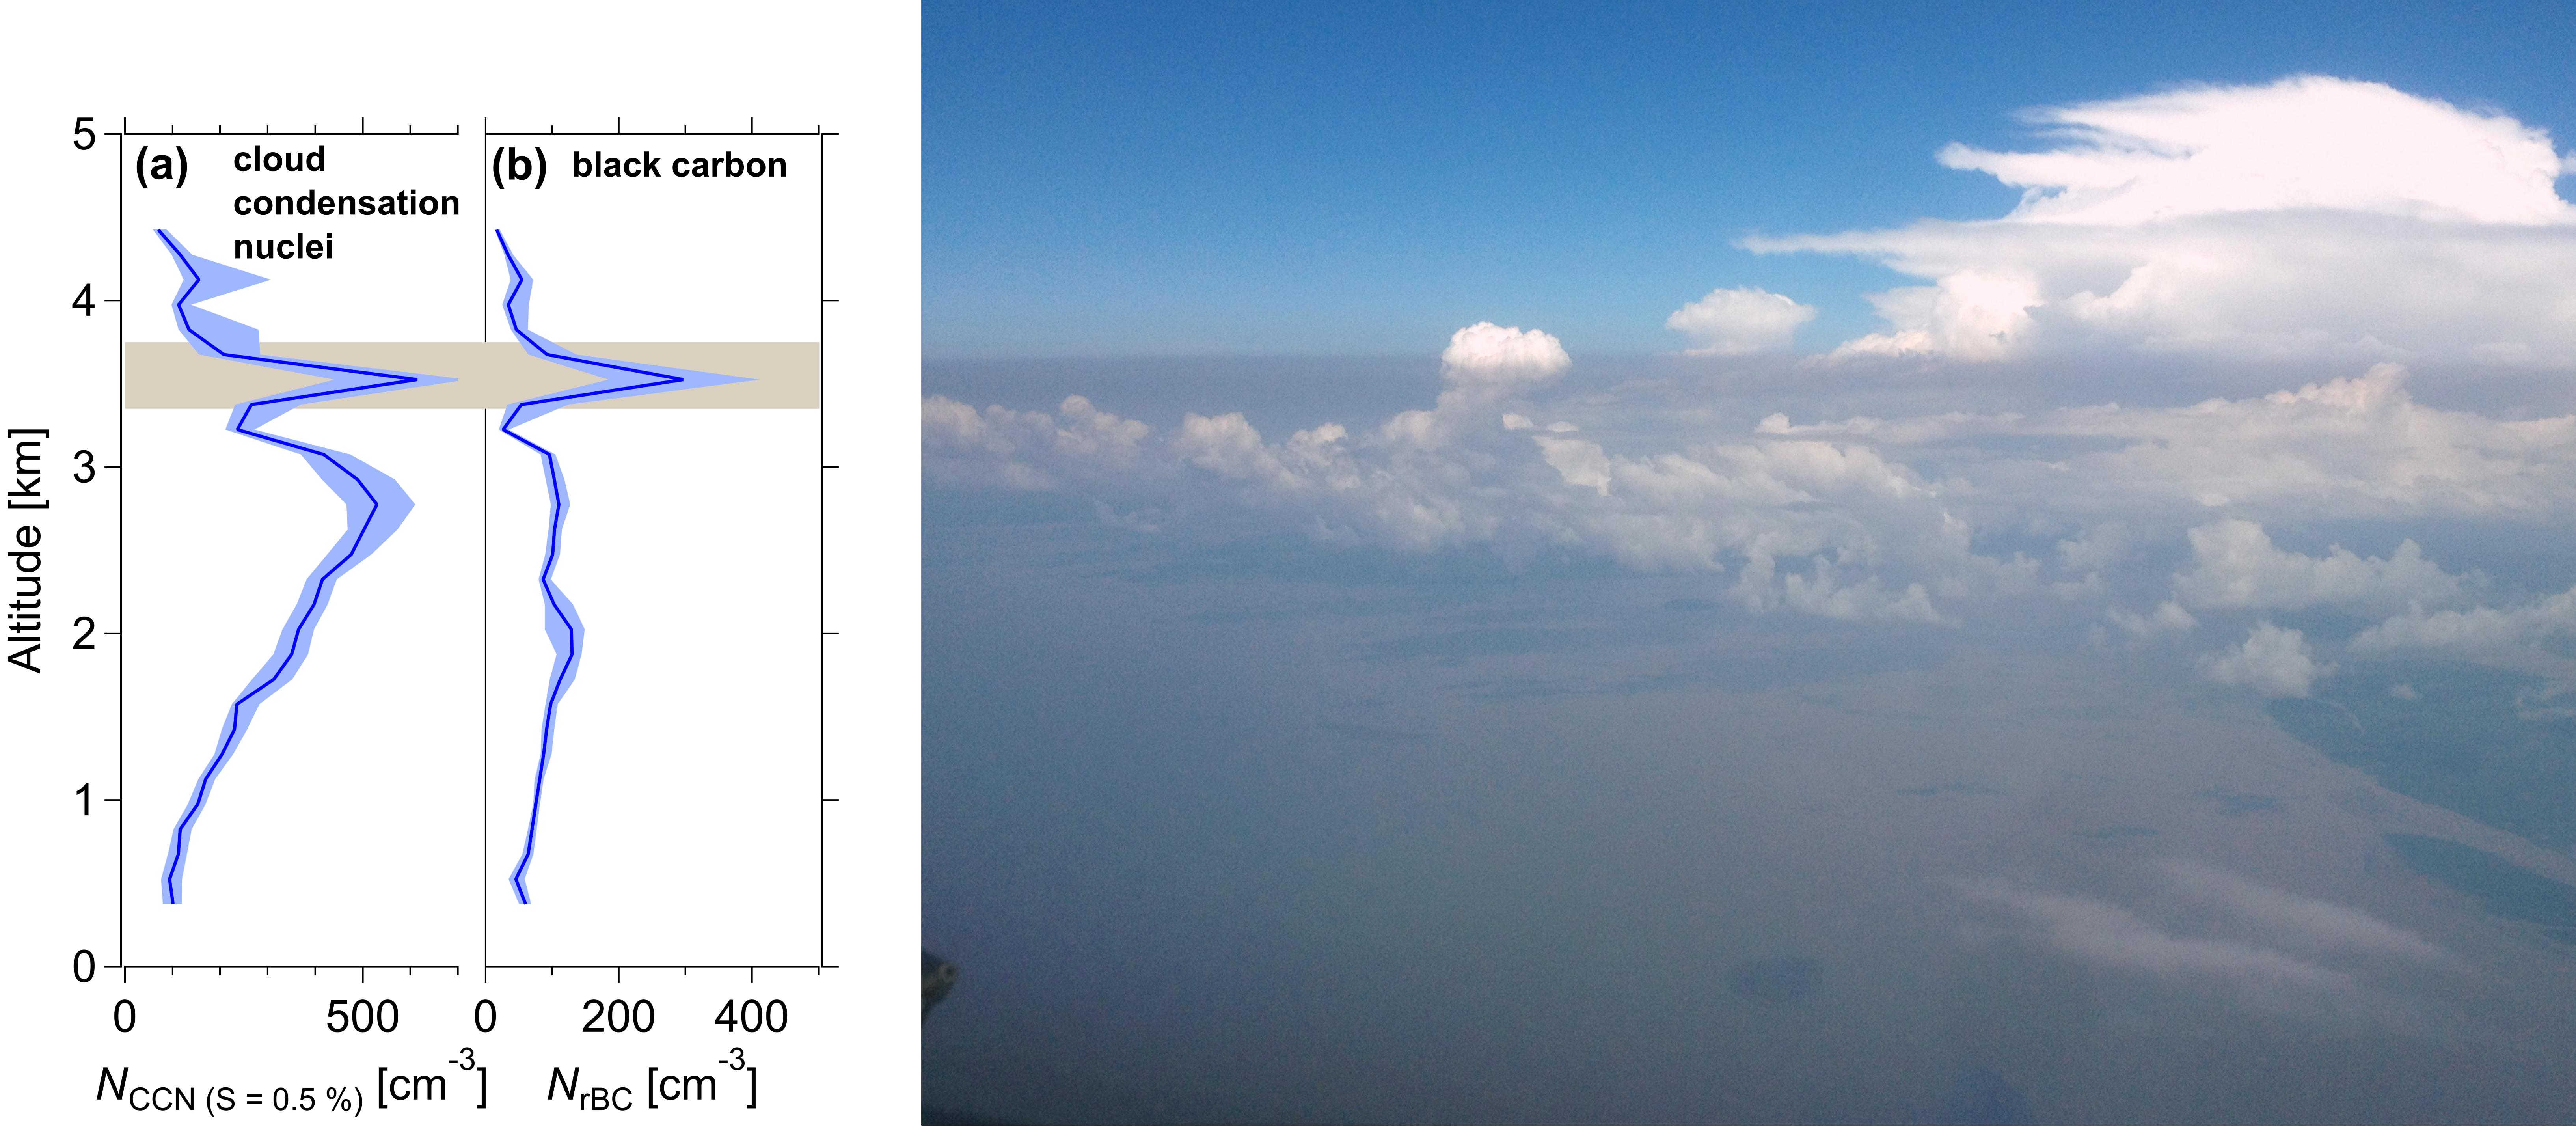 Rauchschicht mit hoher Rußkonzentration erreicht die Küste Brasiliens.